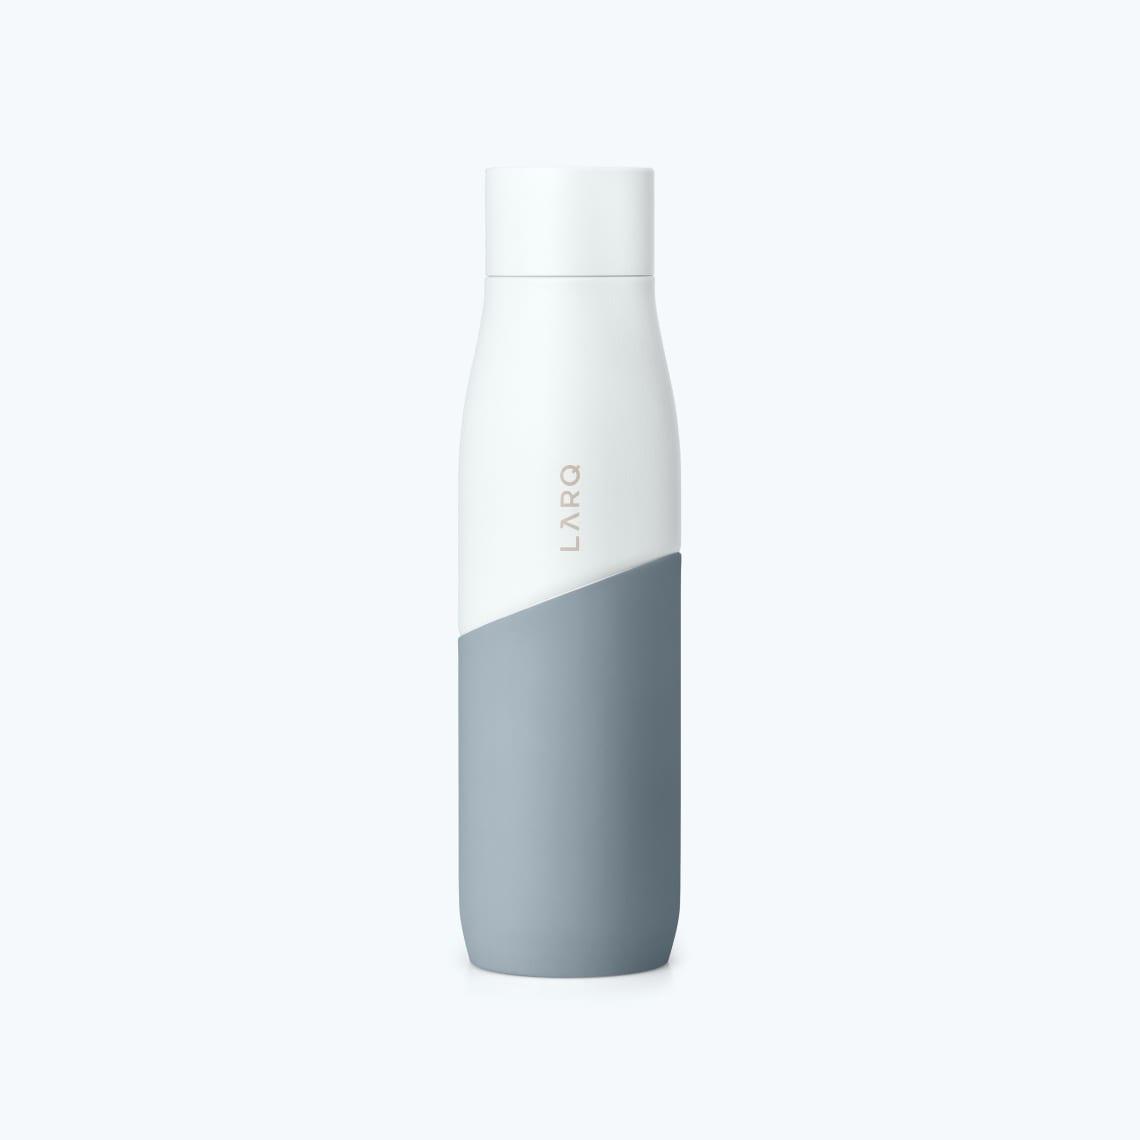 LARQ Bottle Movement PureVis - White / Pebble